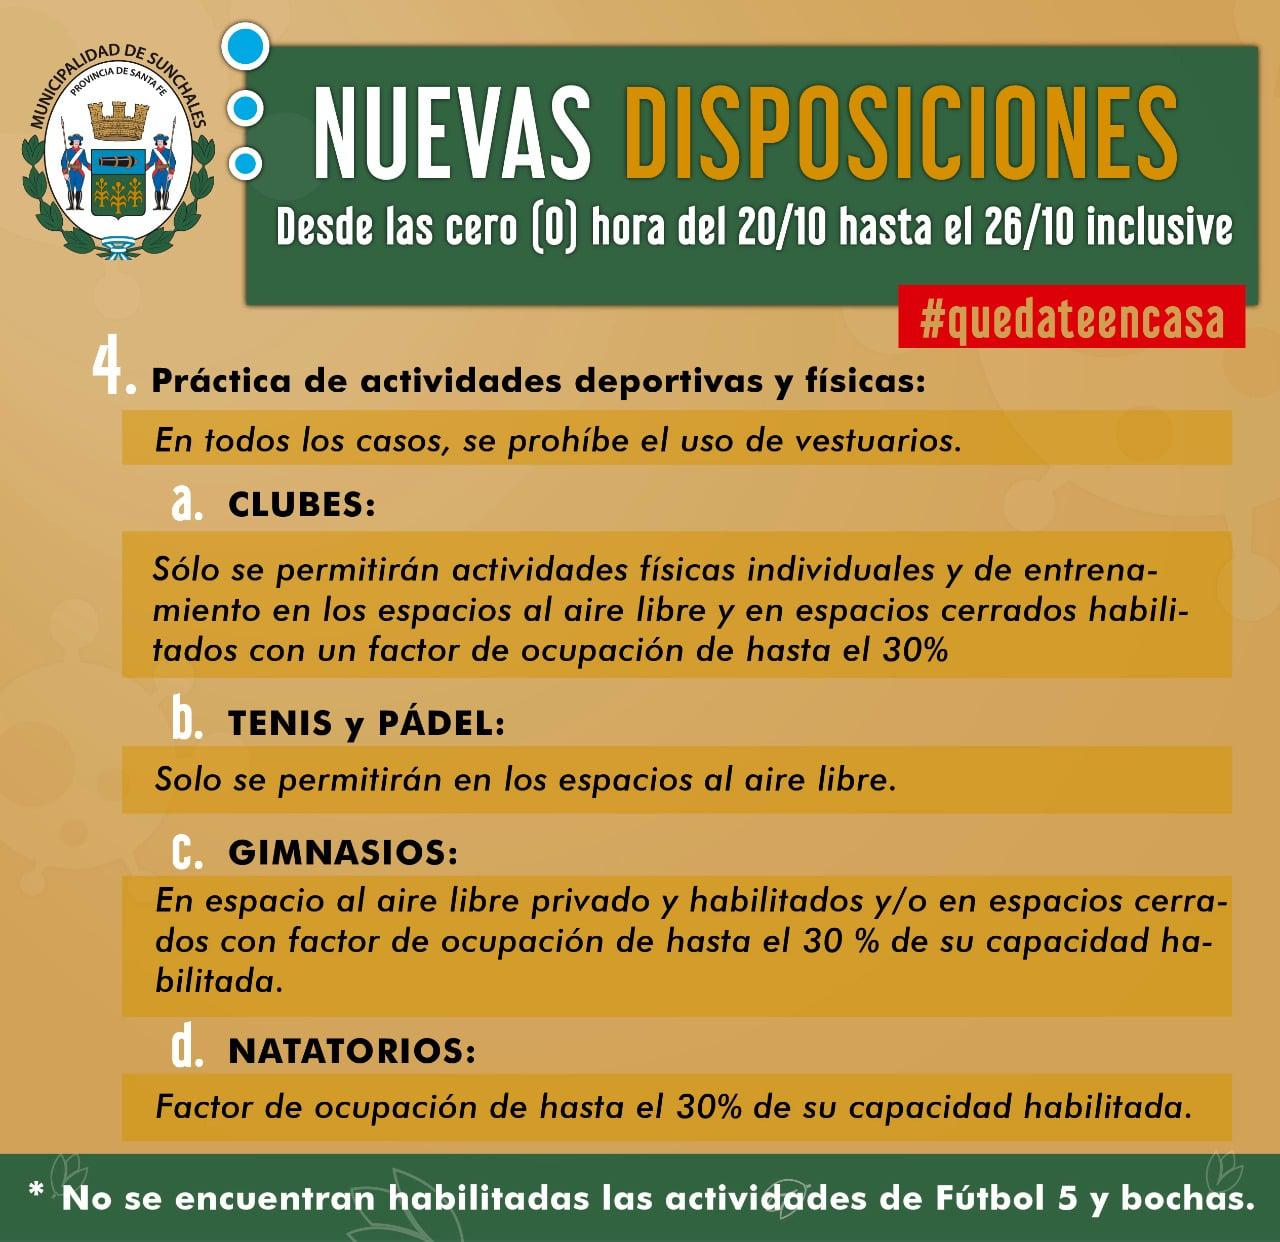 Nuevas disposiciones 20-10-20 2